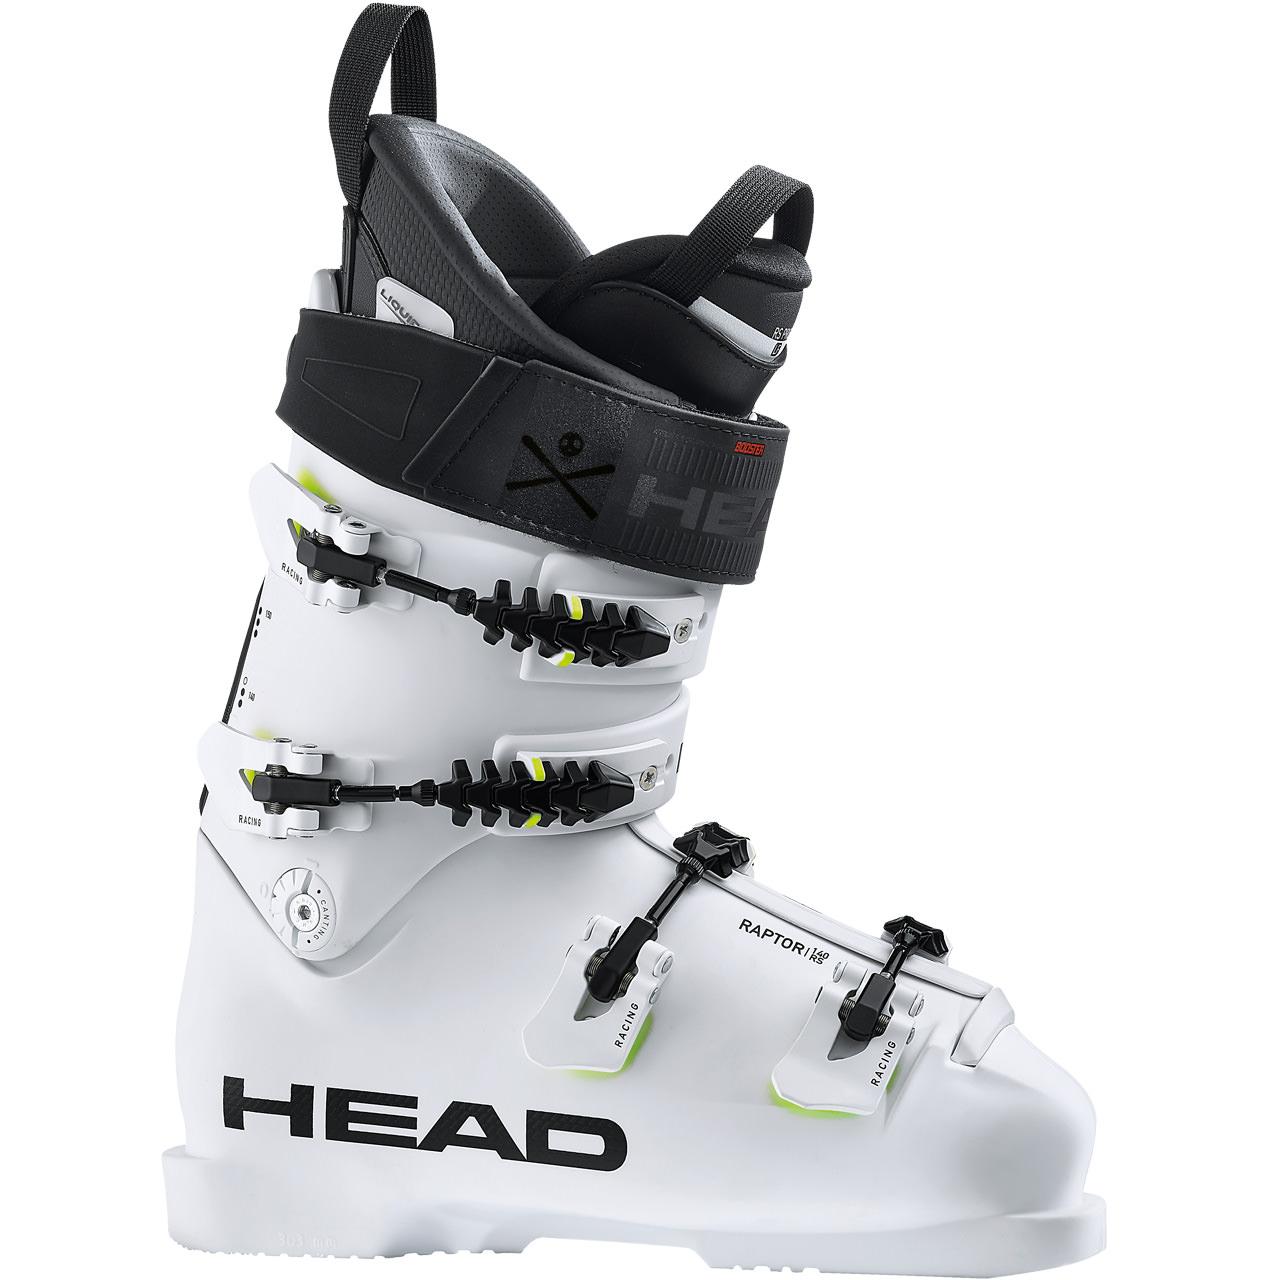 Head Skischuhe günstig online kaufen